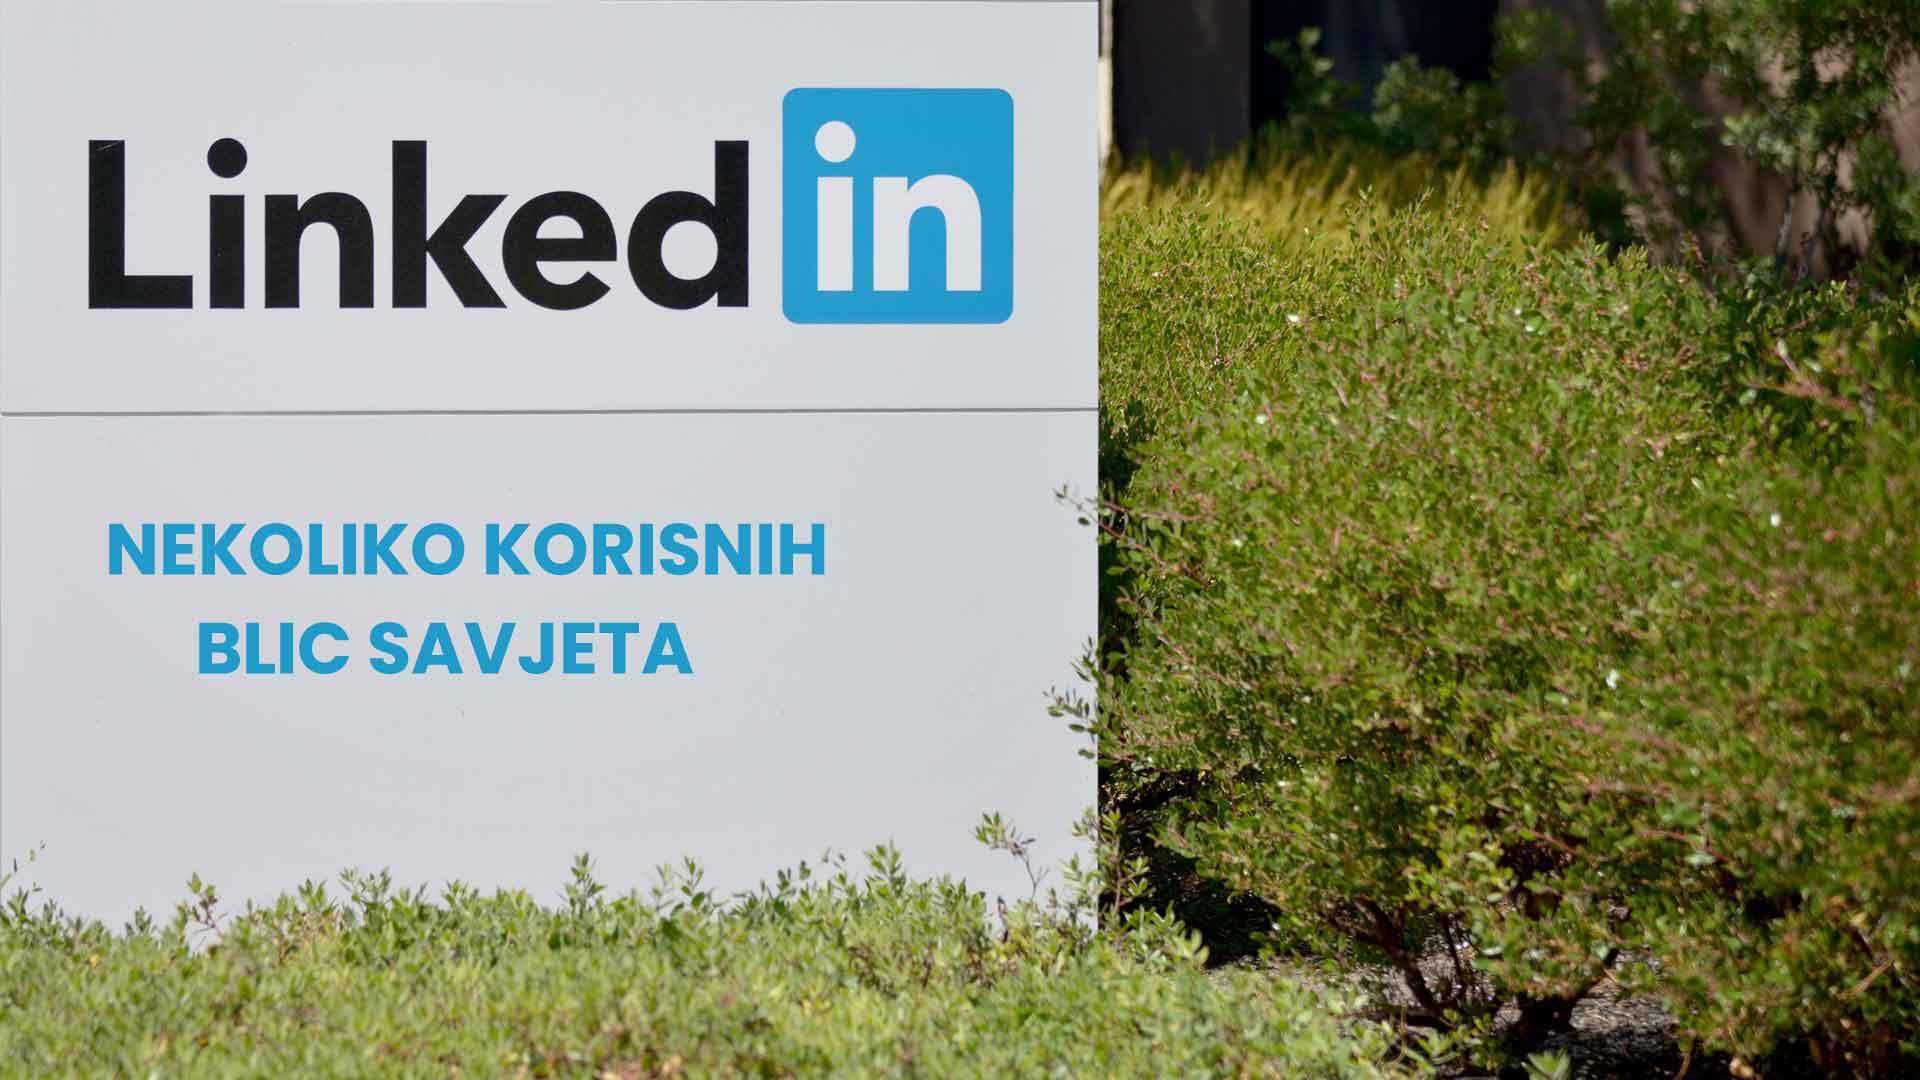 Korisni savjeti za LinkedIn